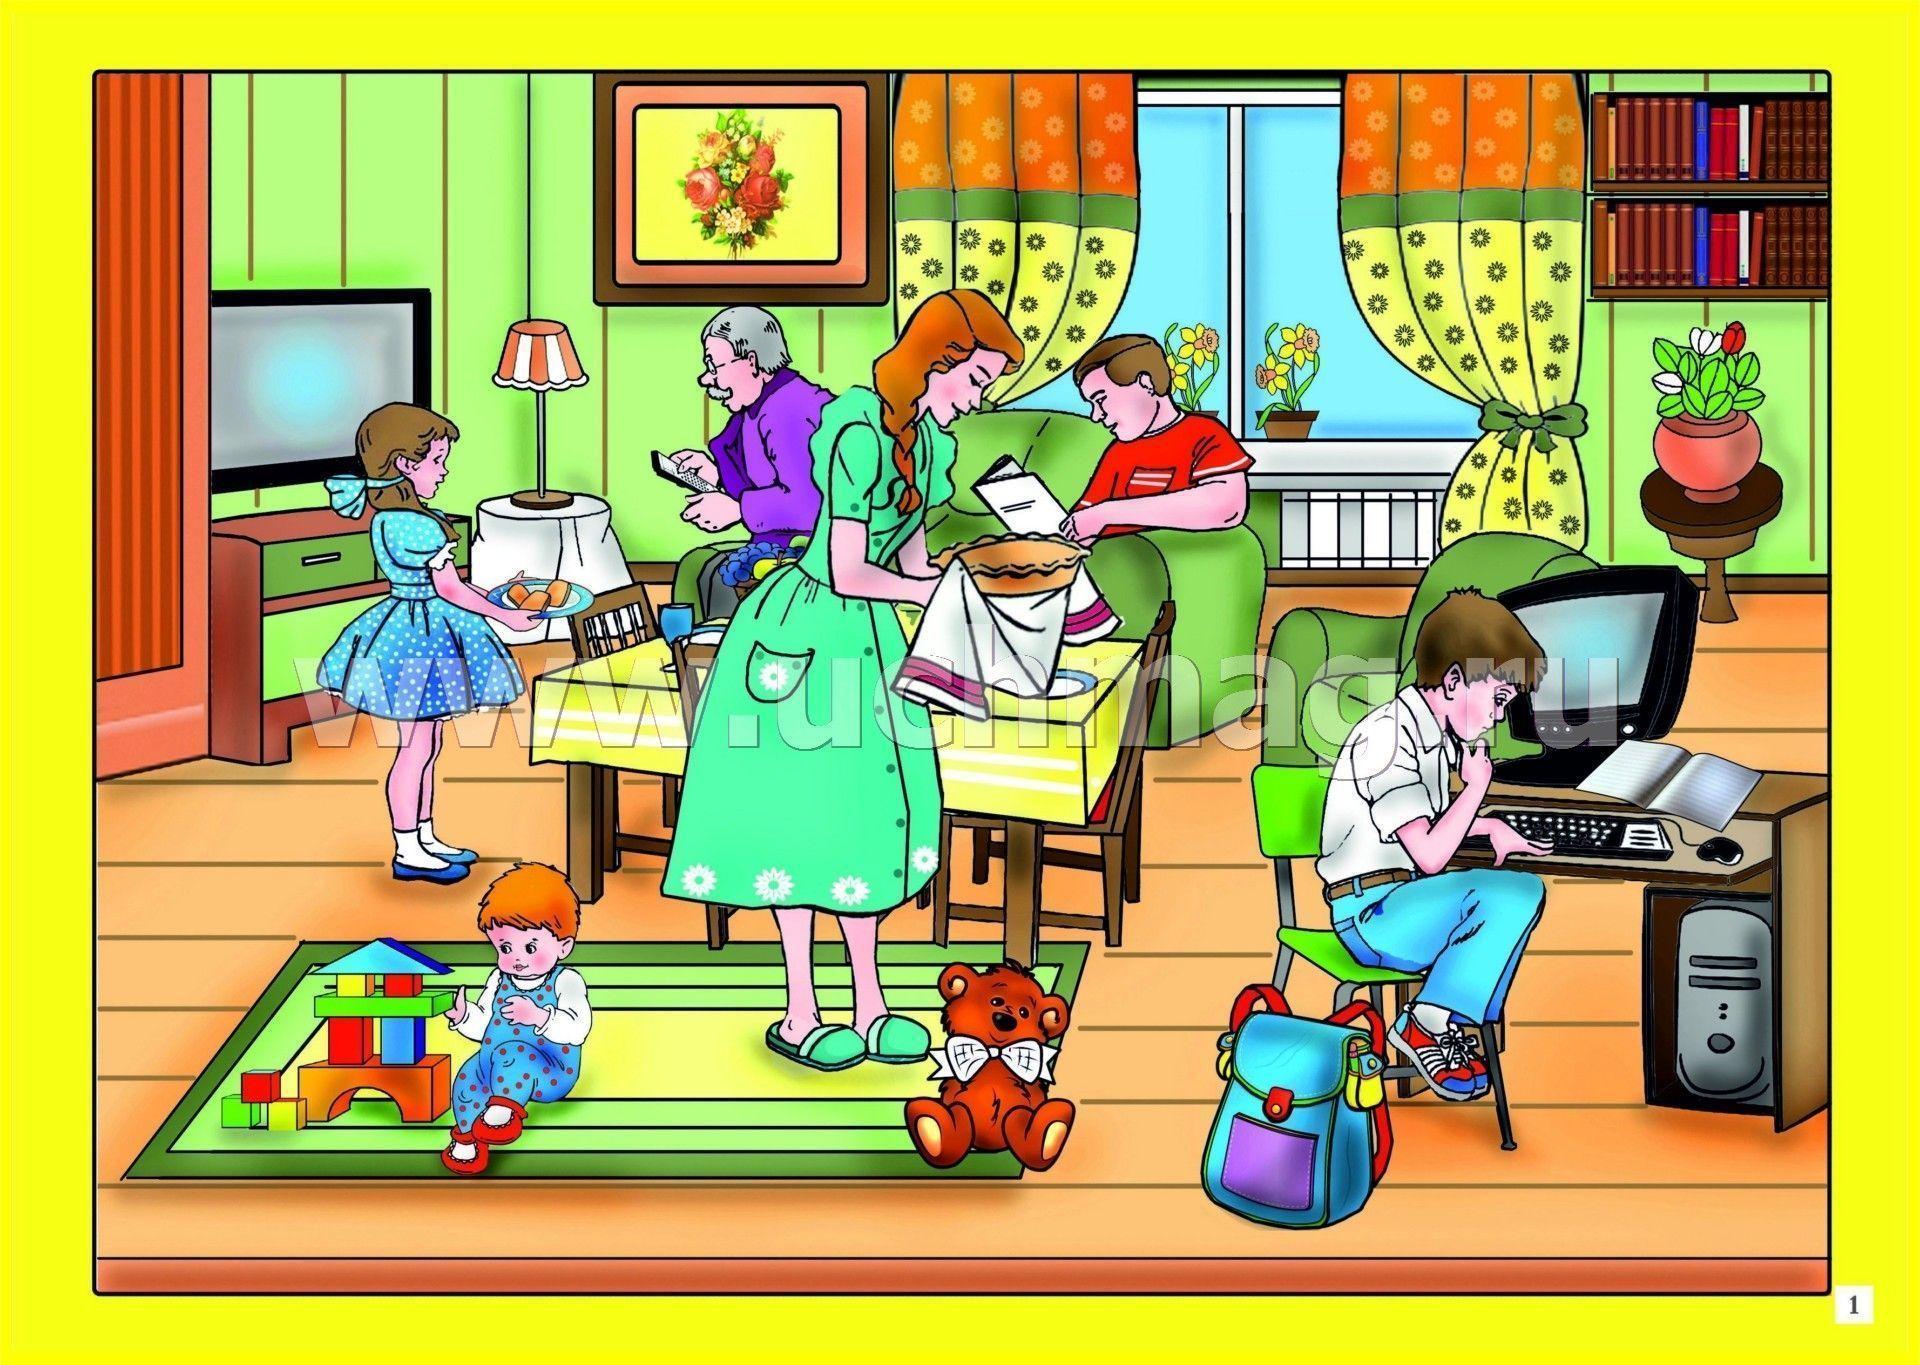 Сюжетно-ролевая игра семья для дошкольников life is feudal стим